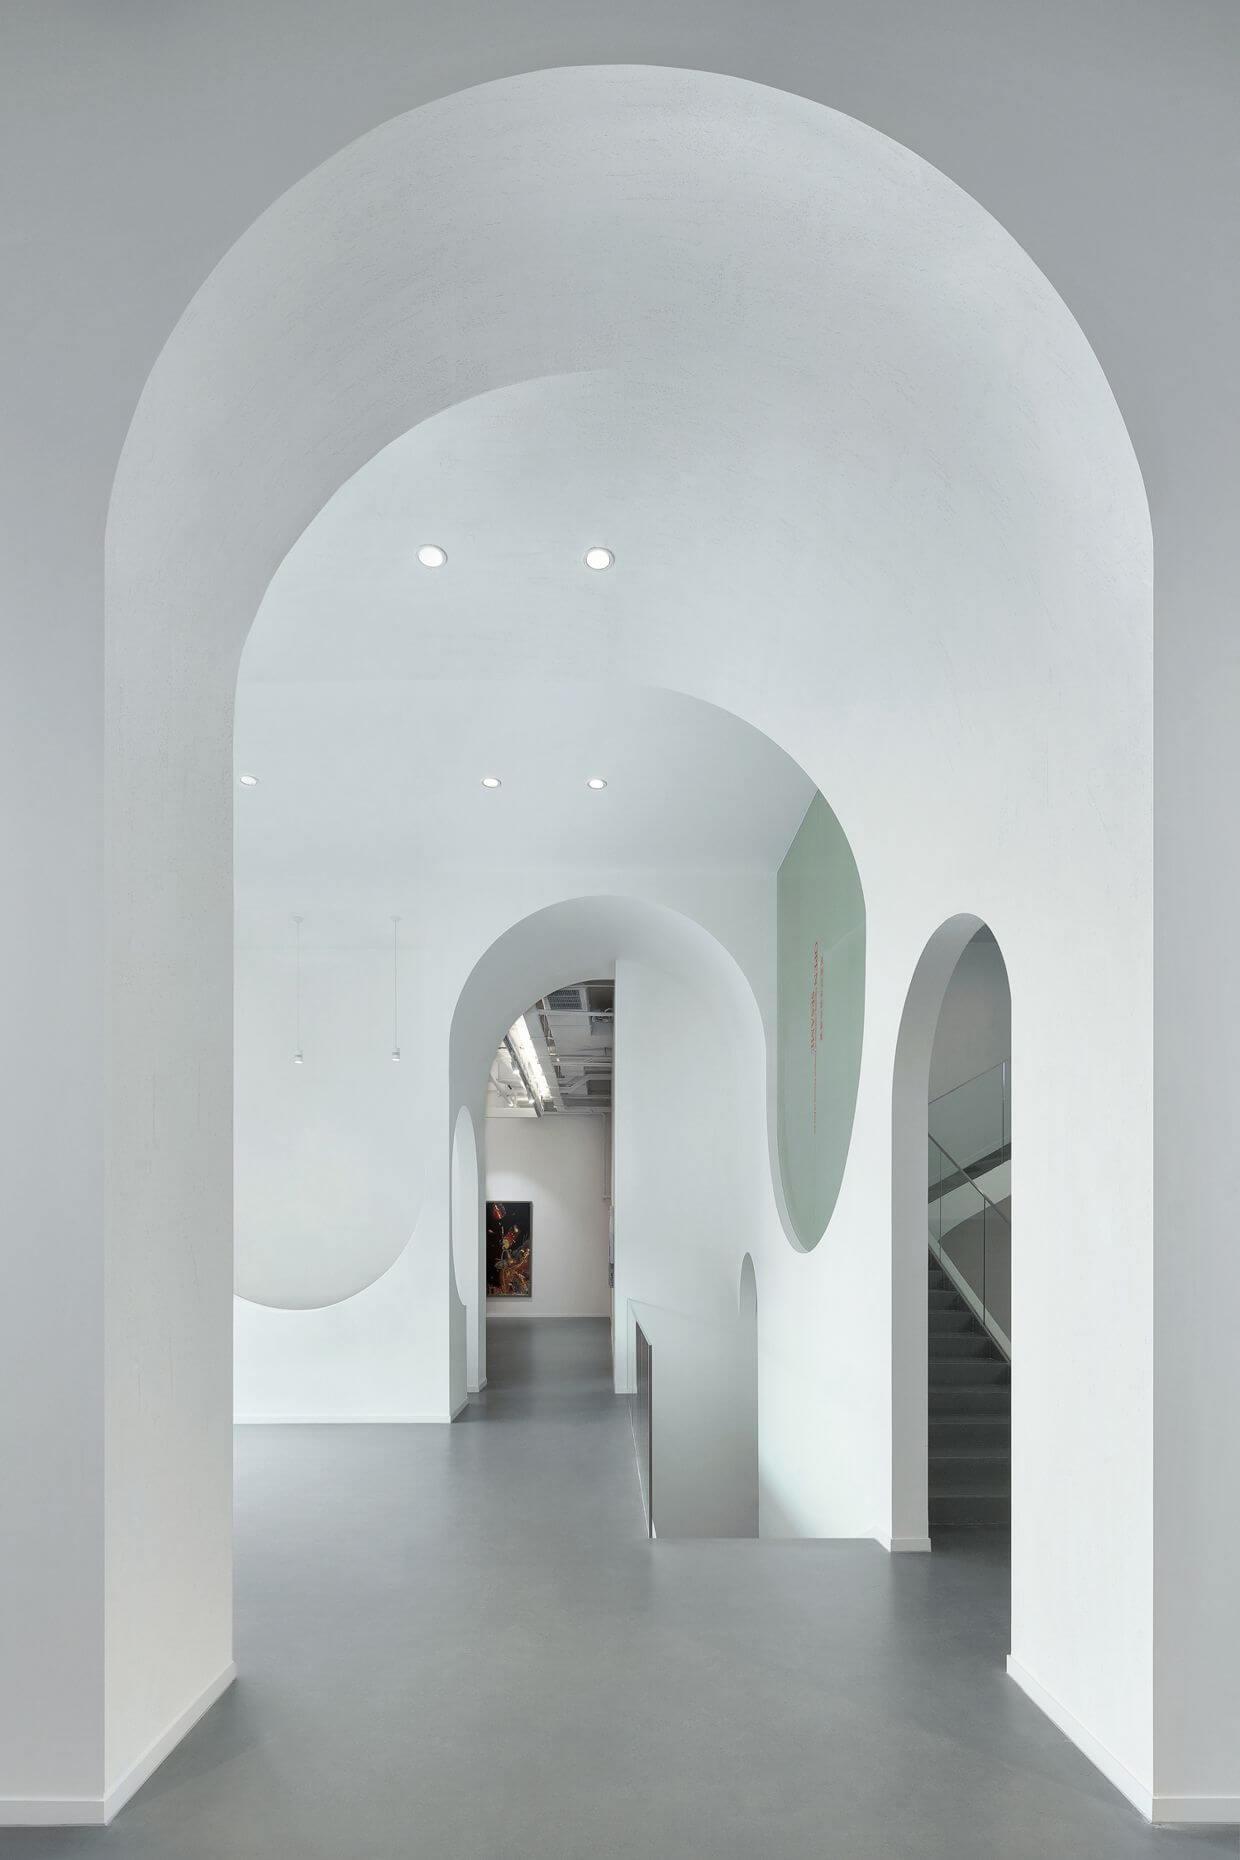 Hongkun Art Gallery + Auditorium, Precht Architects